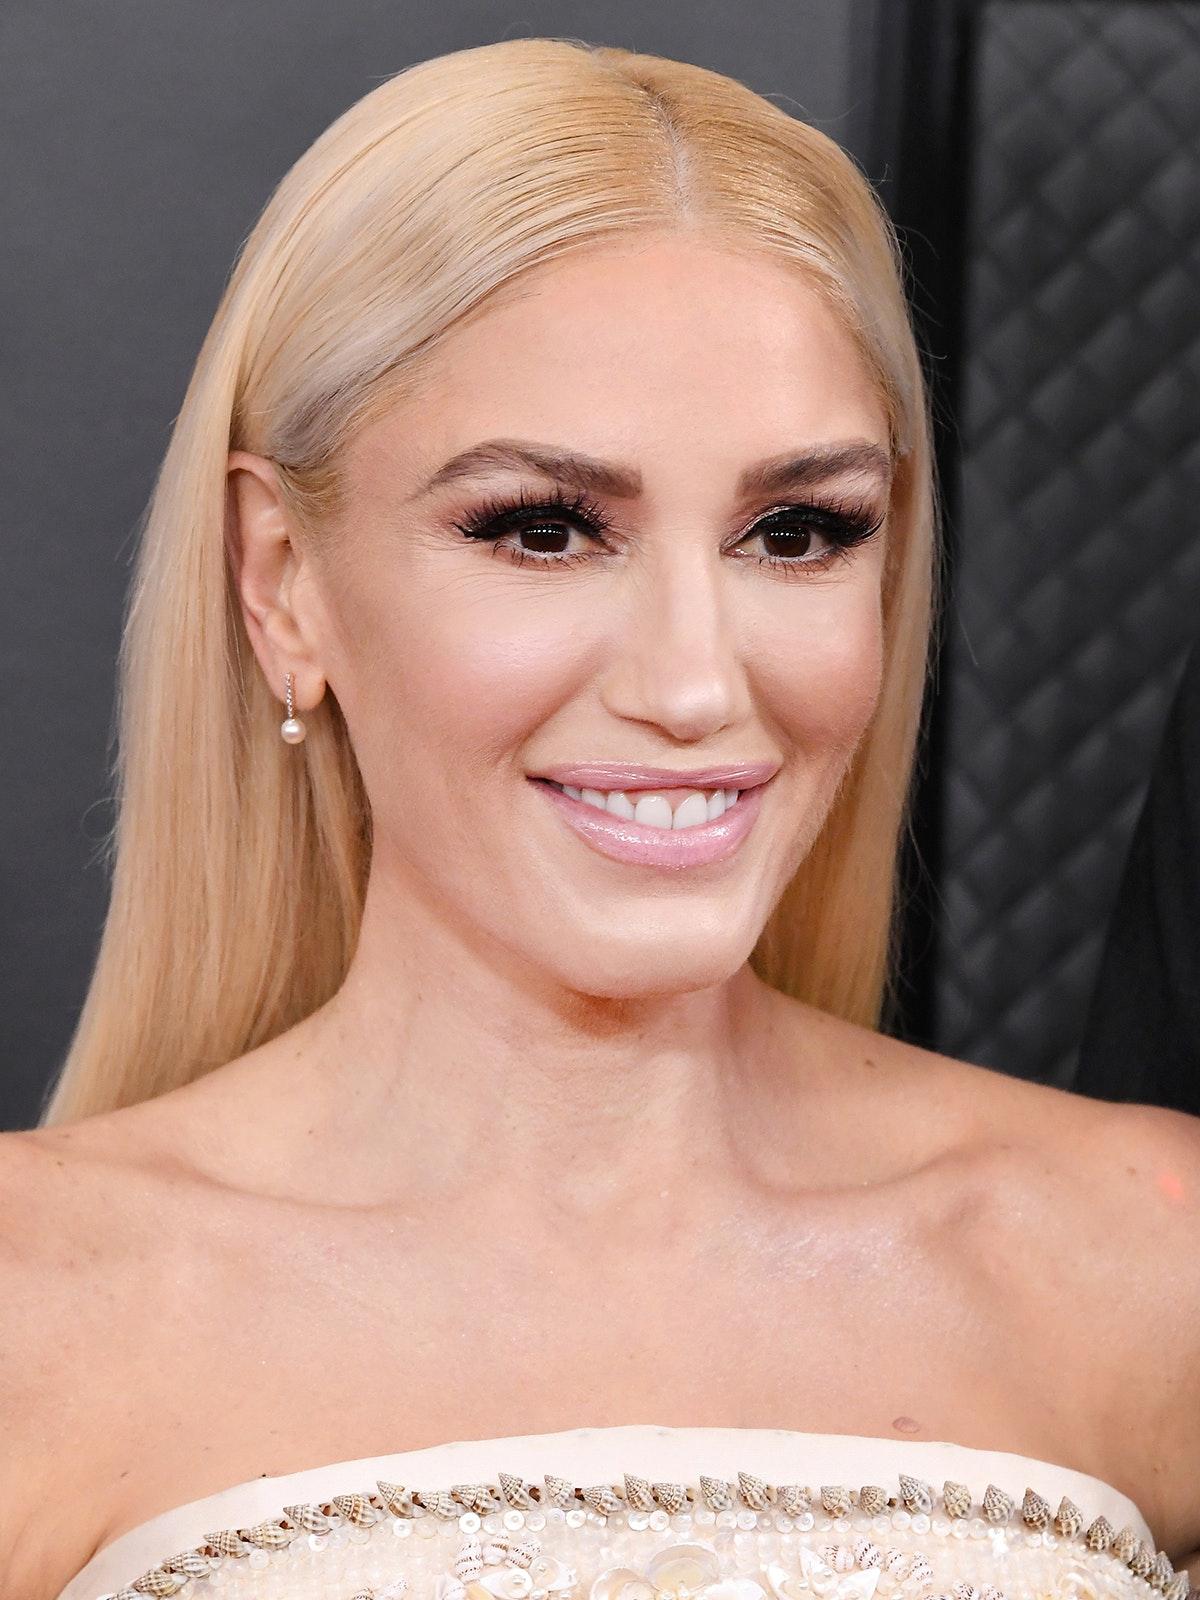 Gwen Stefani Best Beauty Looks GRAMMYs 2020